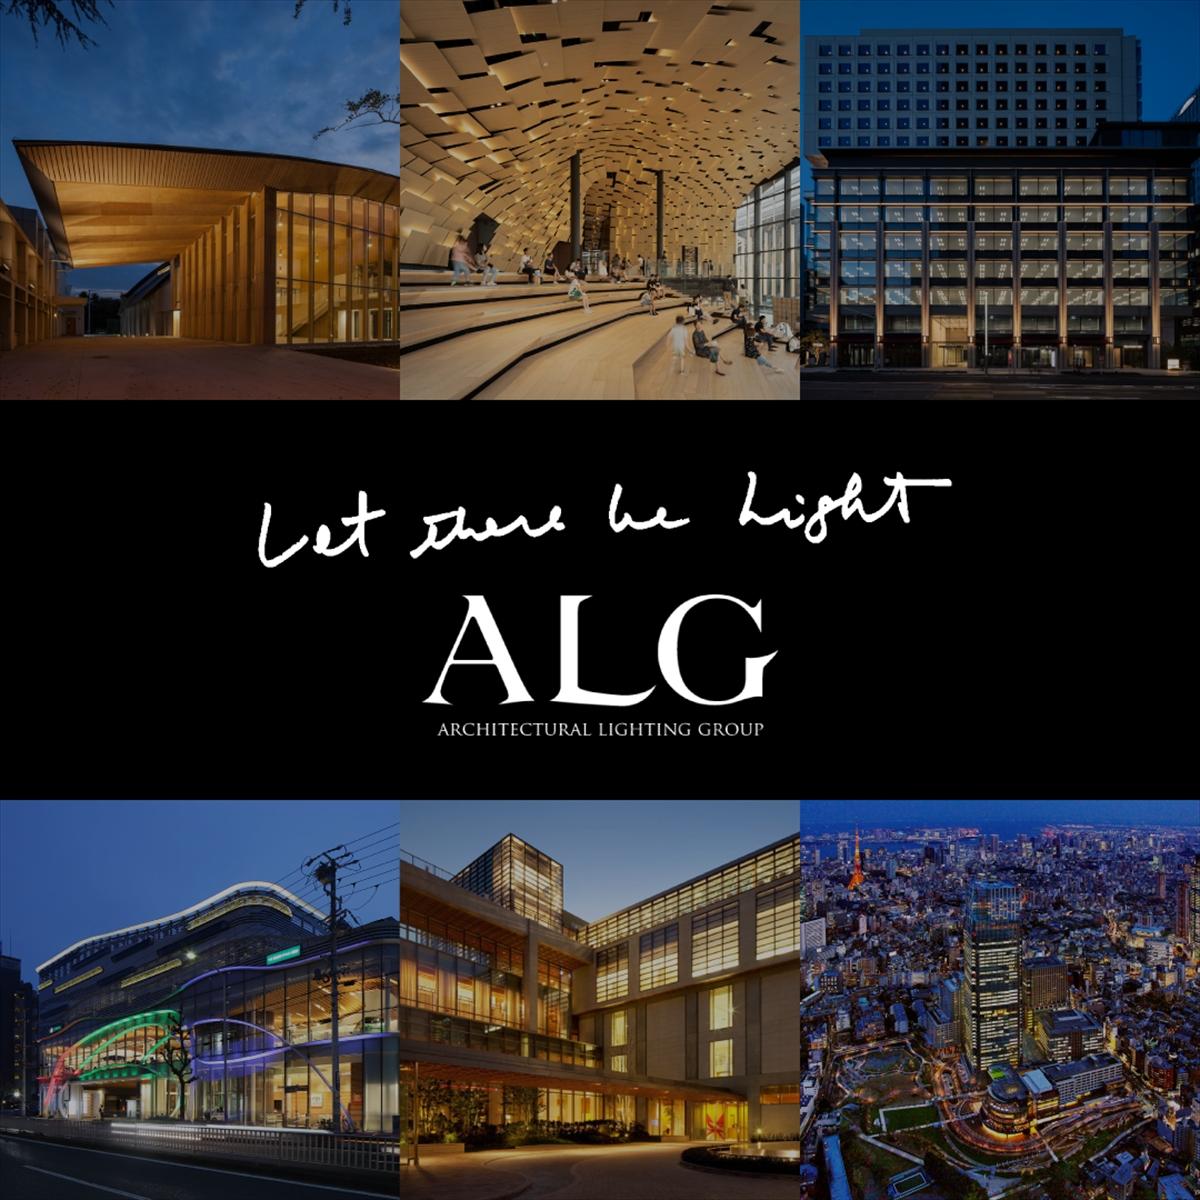 ALG(建築照明計画株式会社)